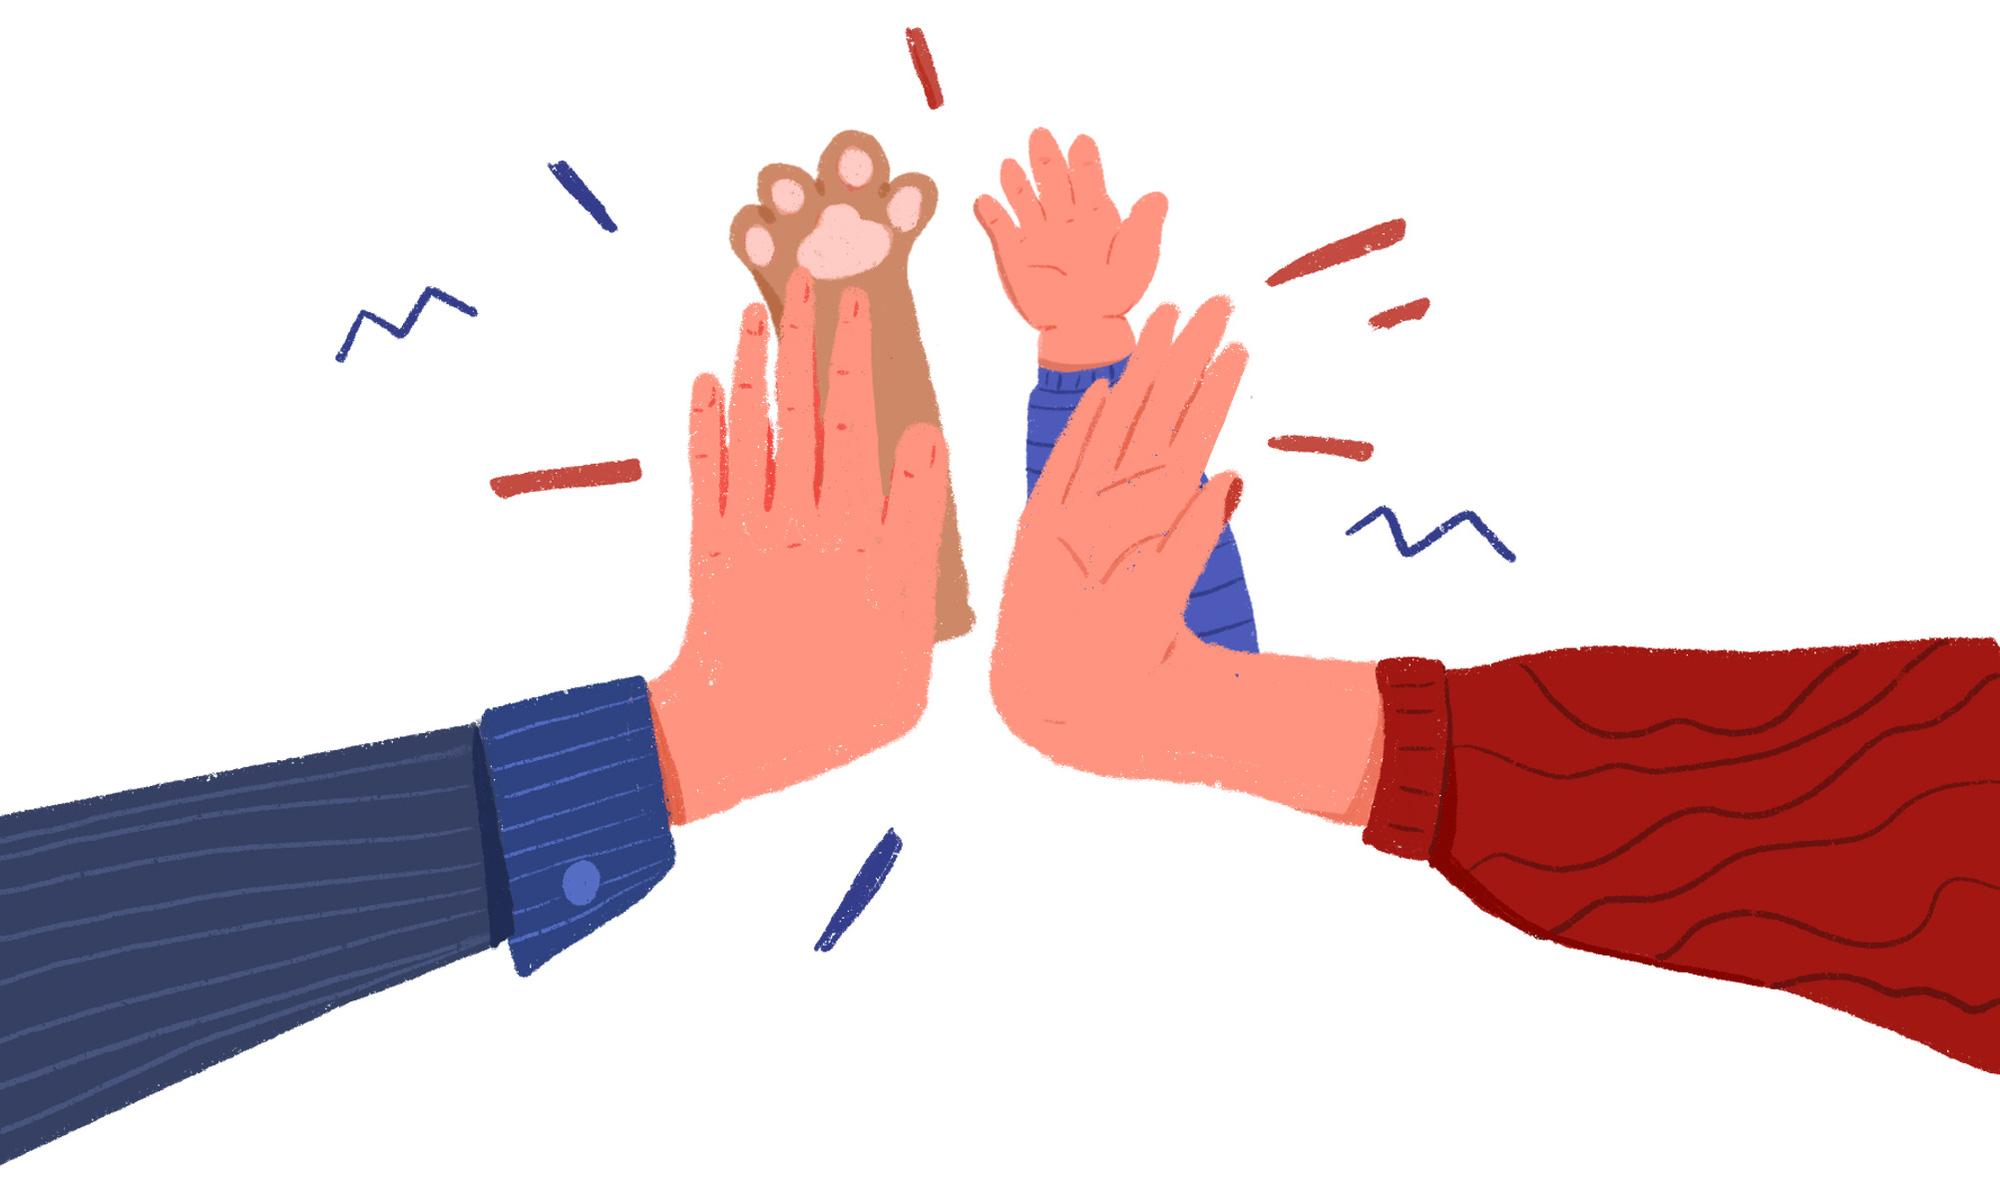 Social distancing đã tạo nên family gathering như thế nào thời Covid? - Ảnh 2.